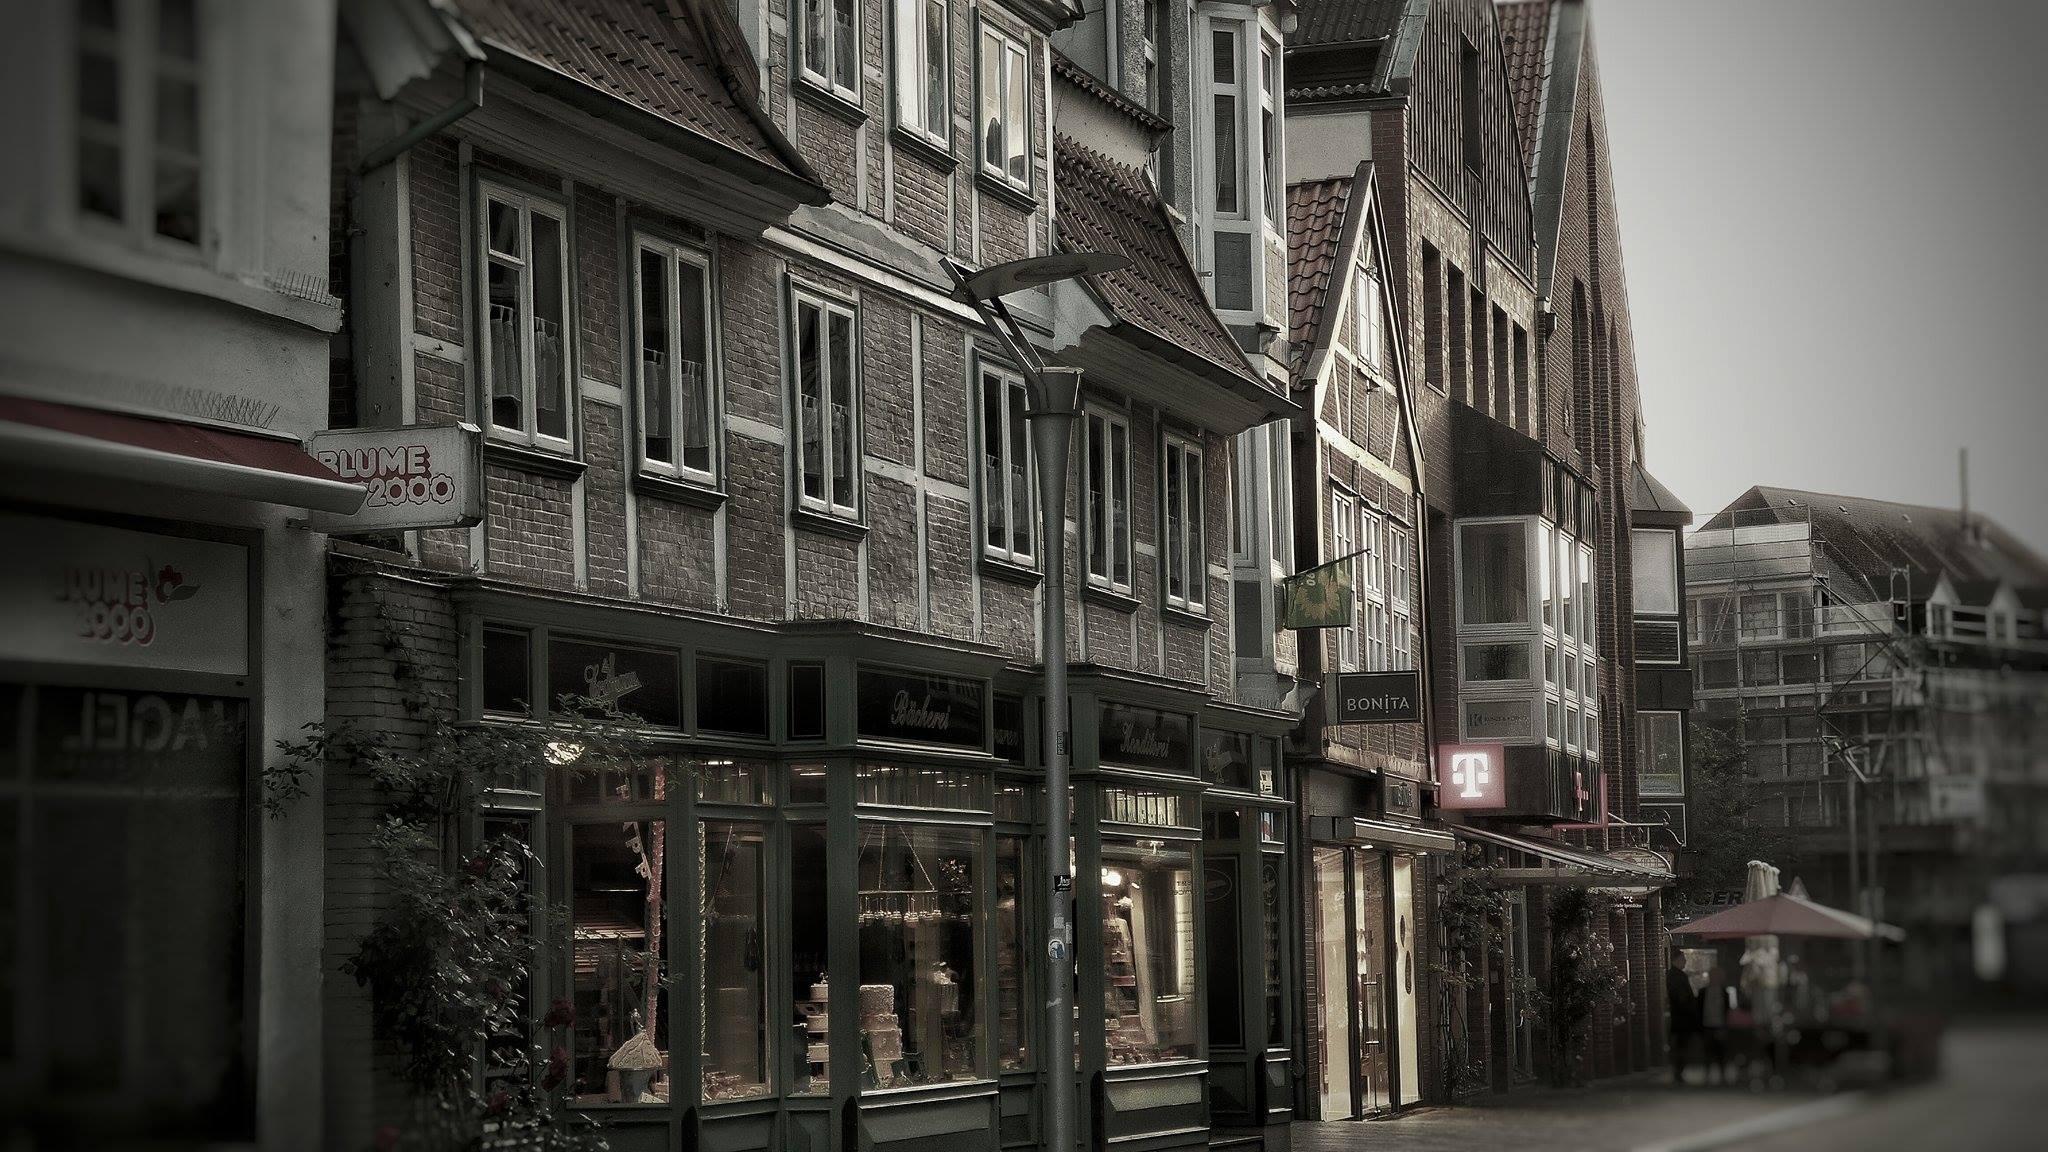 RISE-Fördergebiet, Sachsentor, Alte Holstenstraße, Fußgängerzone, Einkaufsstraße, Bergedorfer Zentrum, Hamburg, Lohbrügge, Neugestaltung, Meinung gefragt, City